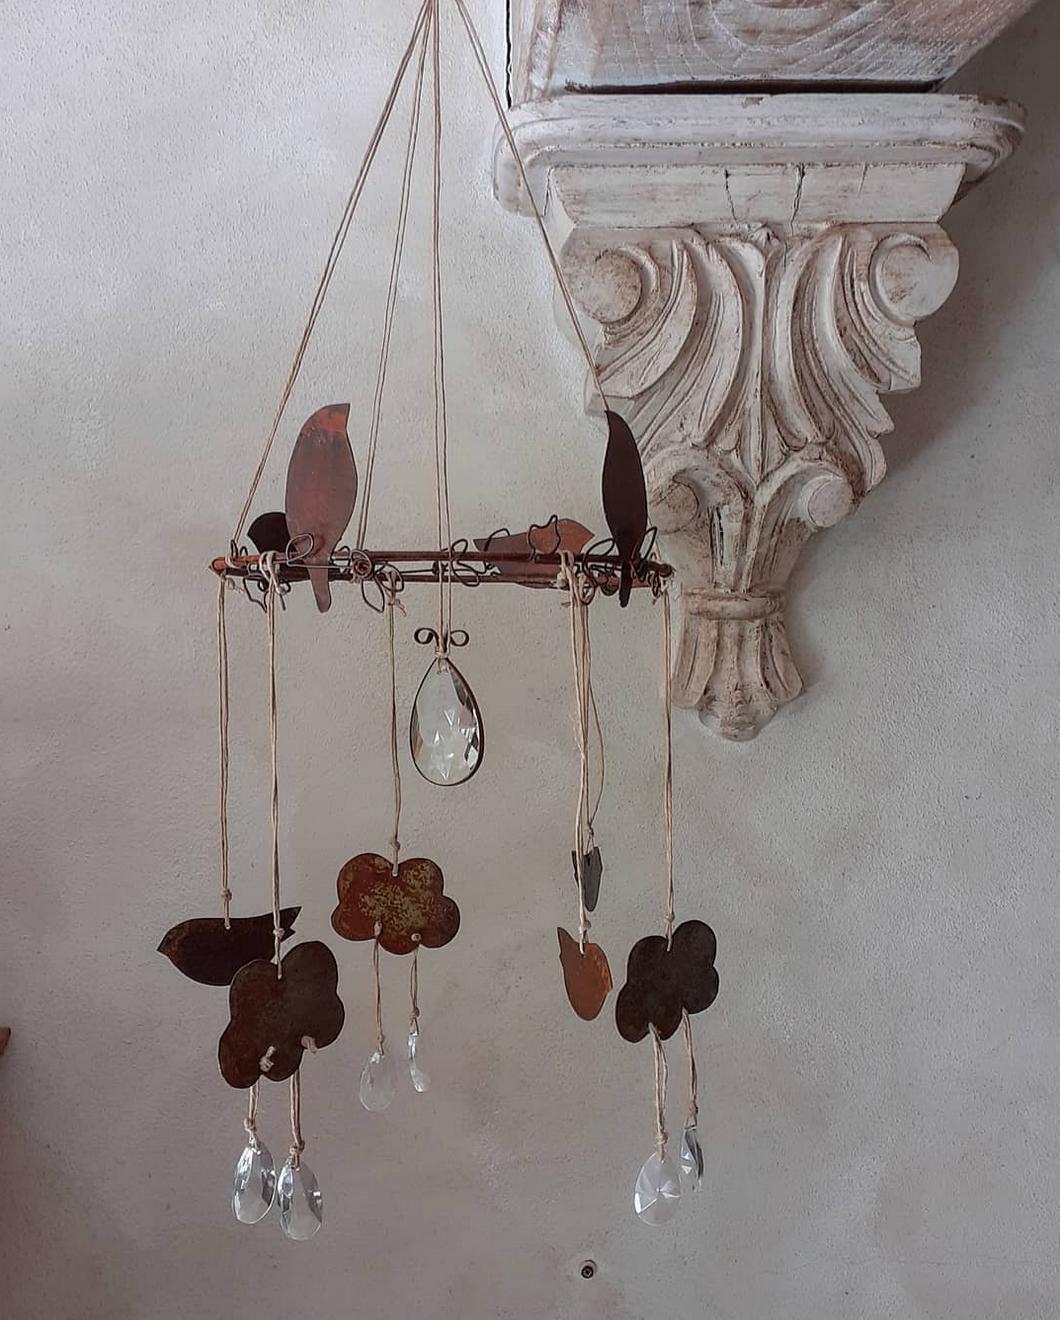 Giostrina realizzata in collaborazione con Chiara Alessandri, dal profilo di @archieandme__